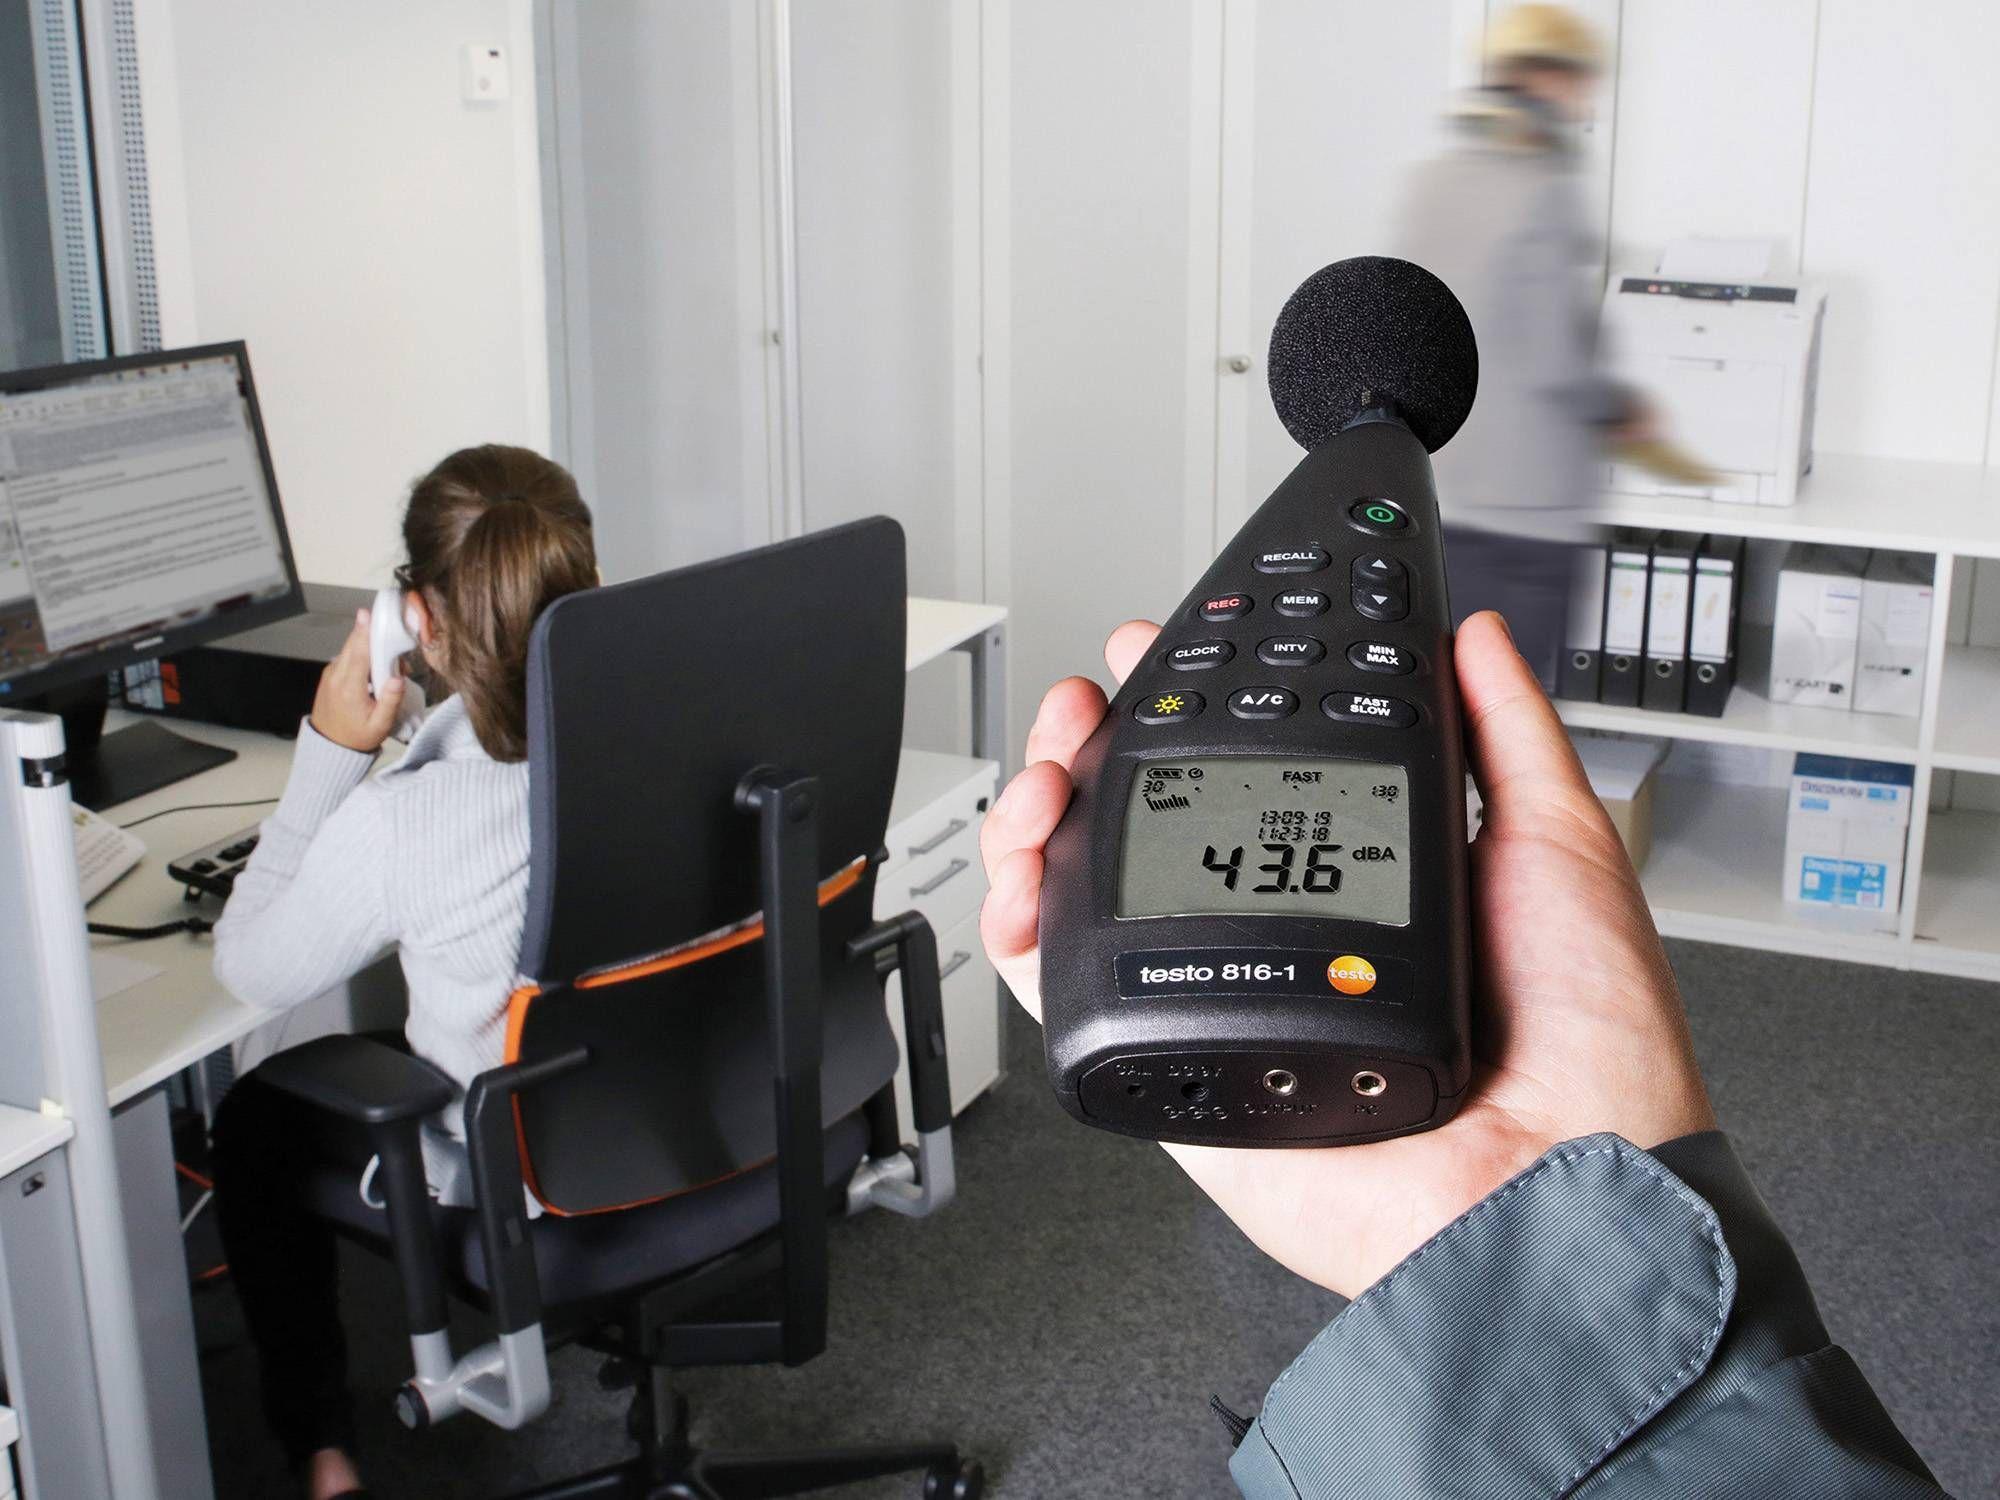 измерение уровня шума в офисе